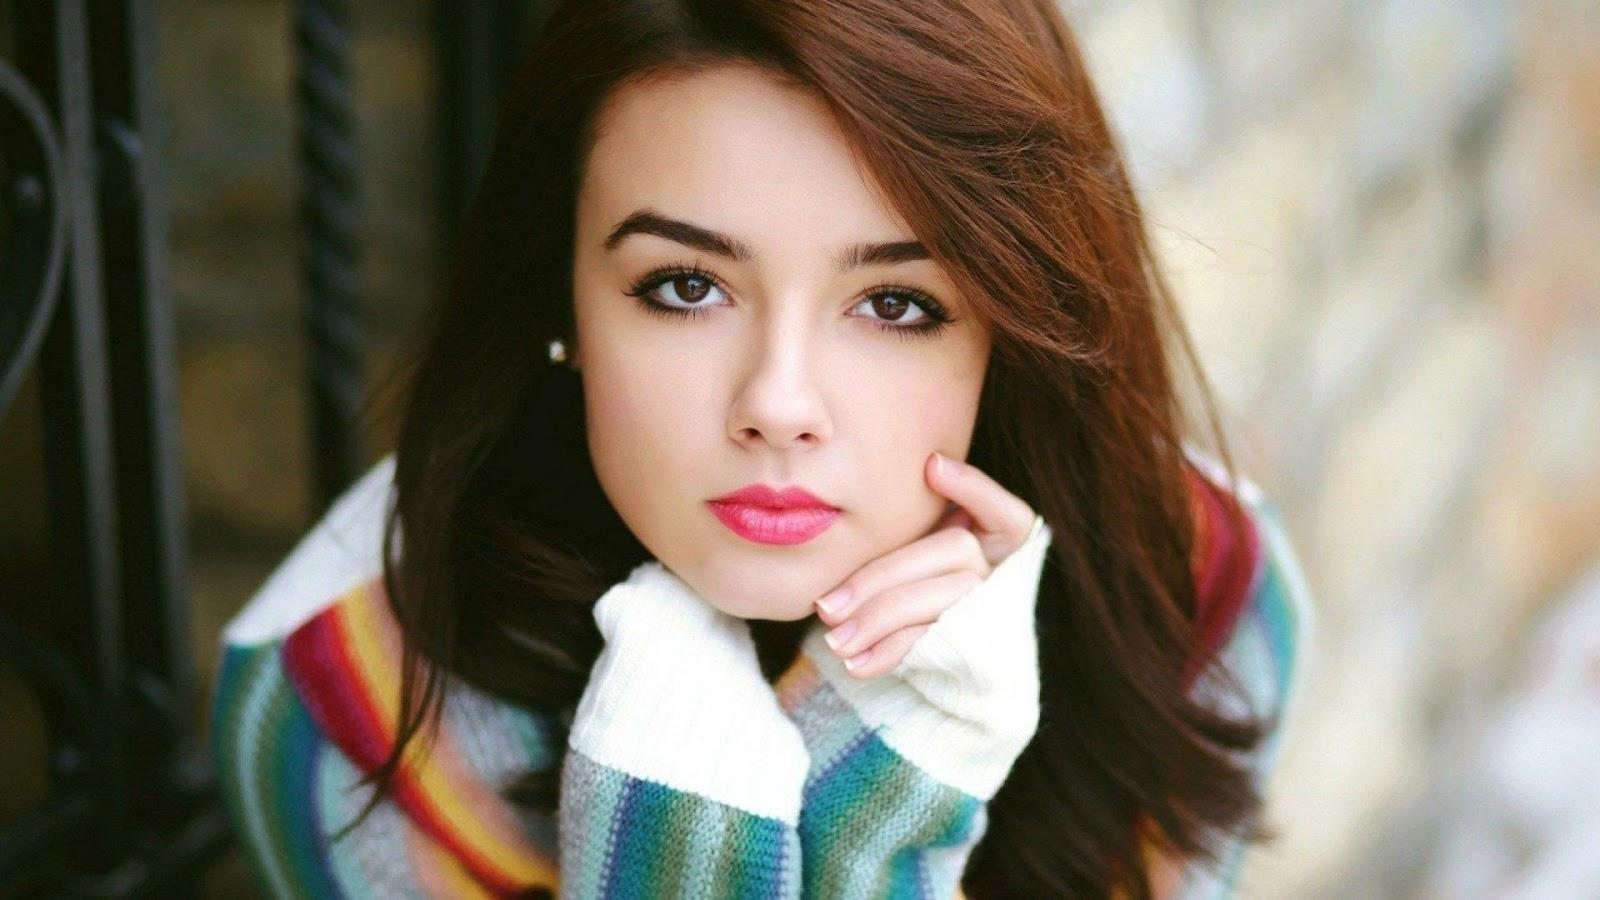 صورة اجمل الصور بنات في العالم , جميلات العالم في صور